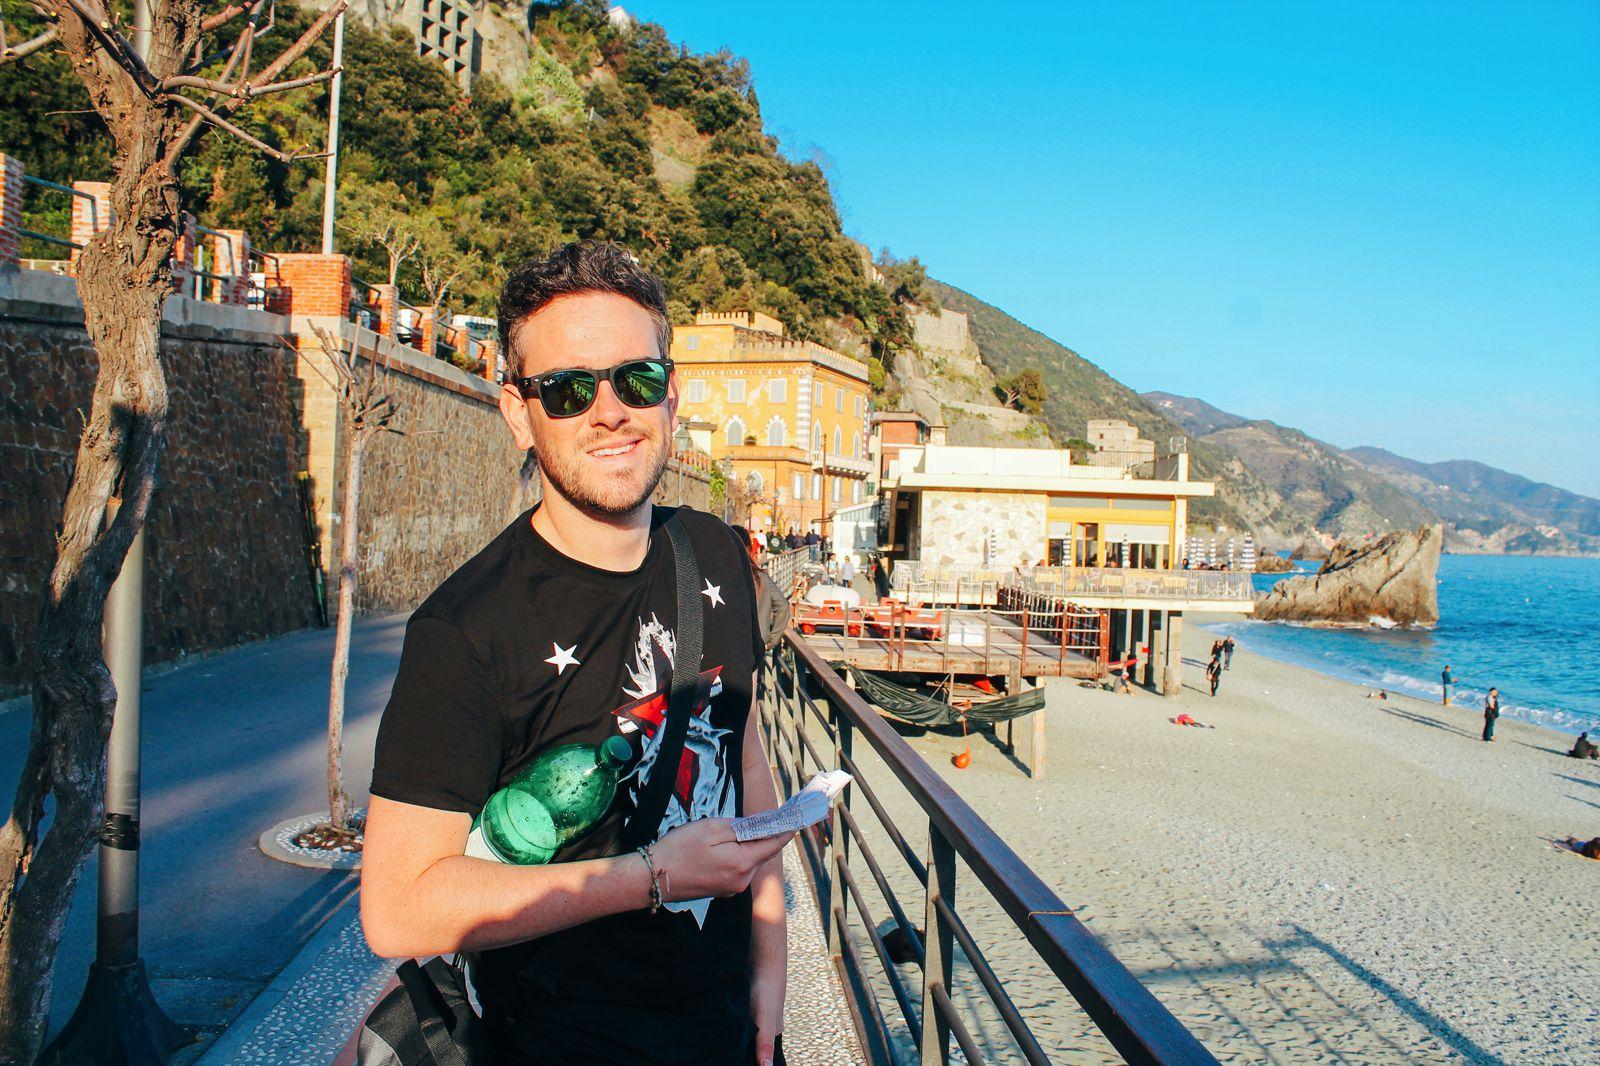 Monterosso al Mare in Cinque Terre, Italy - The Photo Diary! [5 of 5] (14)